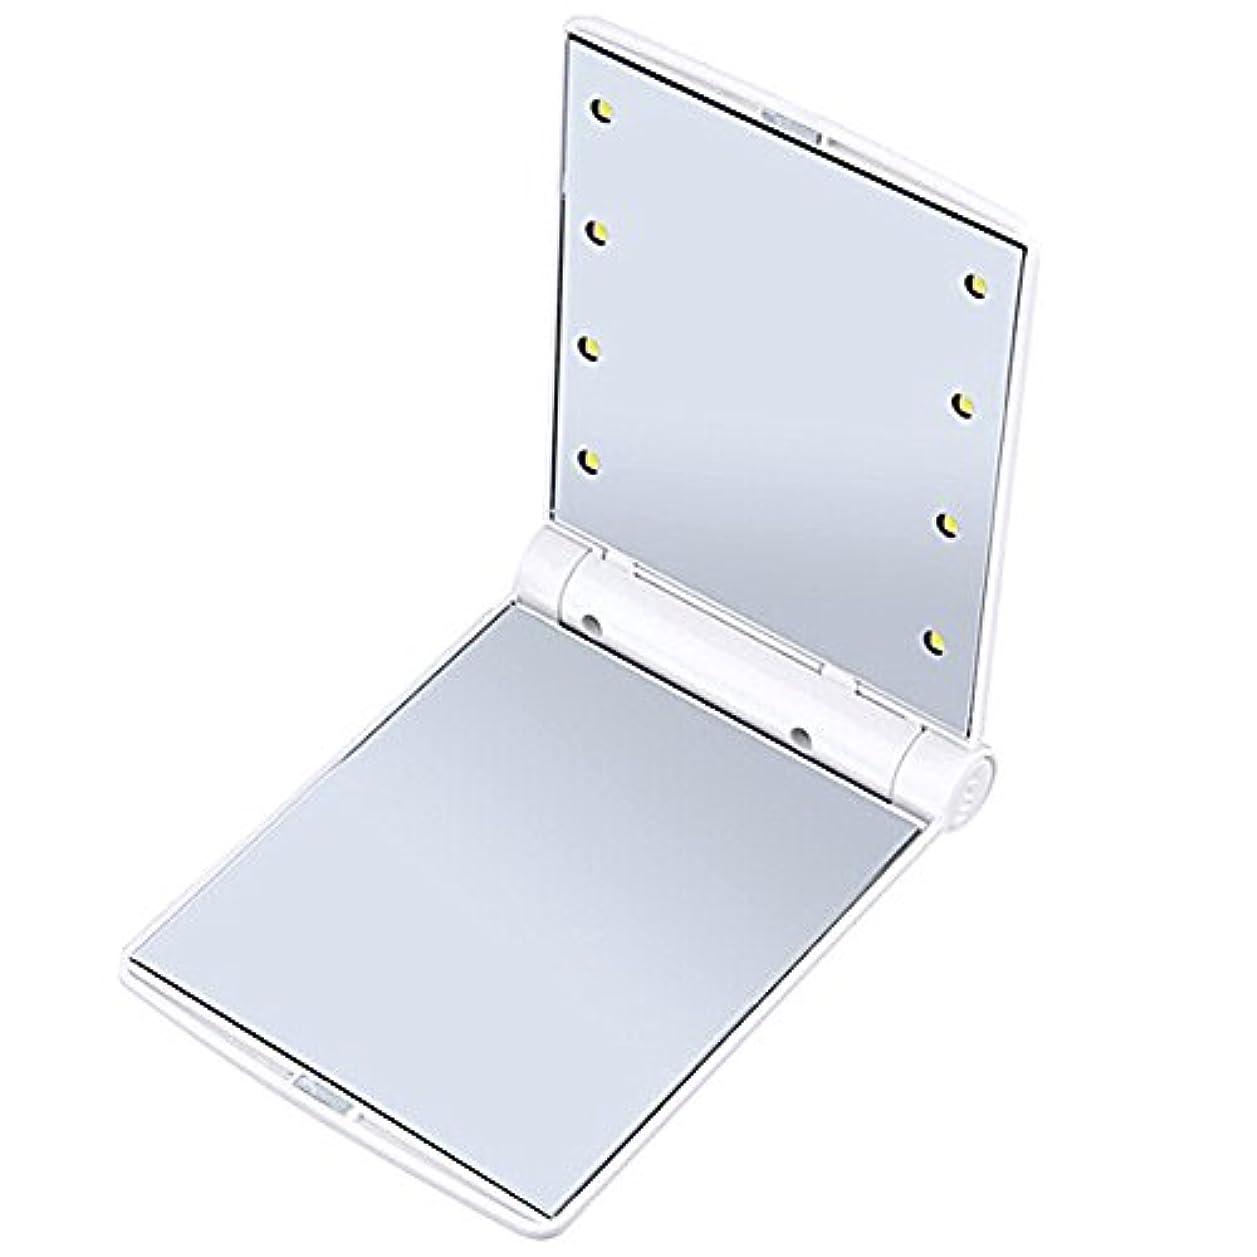 に同意する部族チキンB-PING 鏡 化粧鏡 女優ミラー 調光型二面鏡 拡大鏡付き 330度調節可能 コンパクトミラー スタンドミラー 折りたたみ式 二面鏡 LED ライト8個 無印タイプ 5色のオプション (ホワイト)